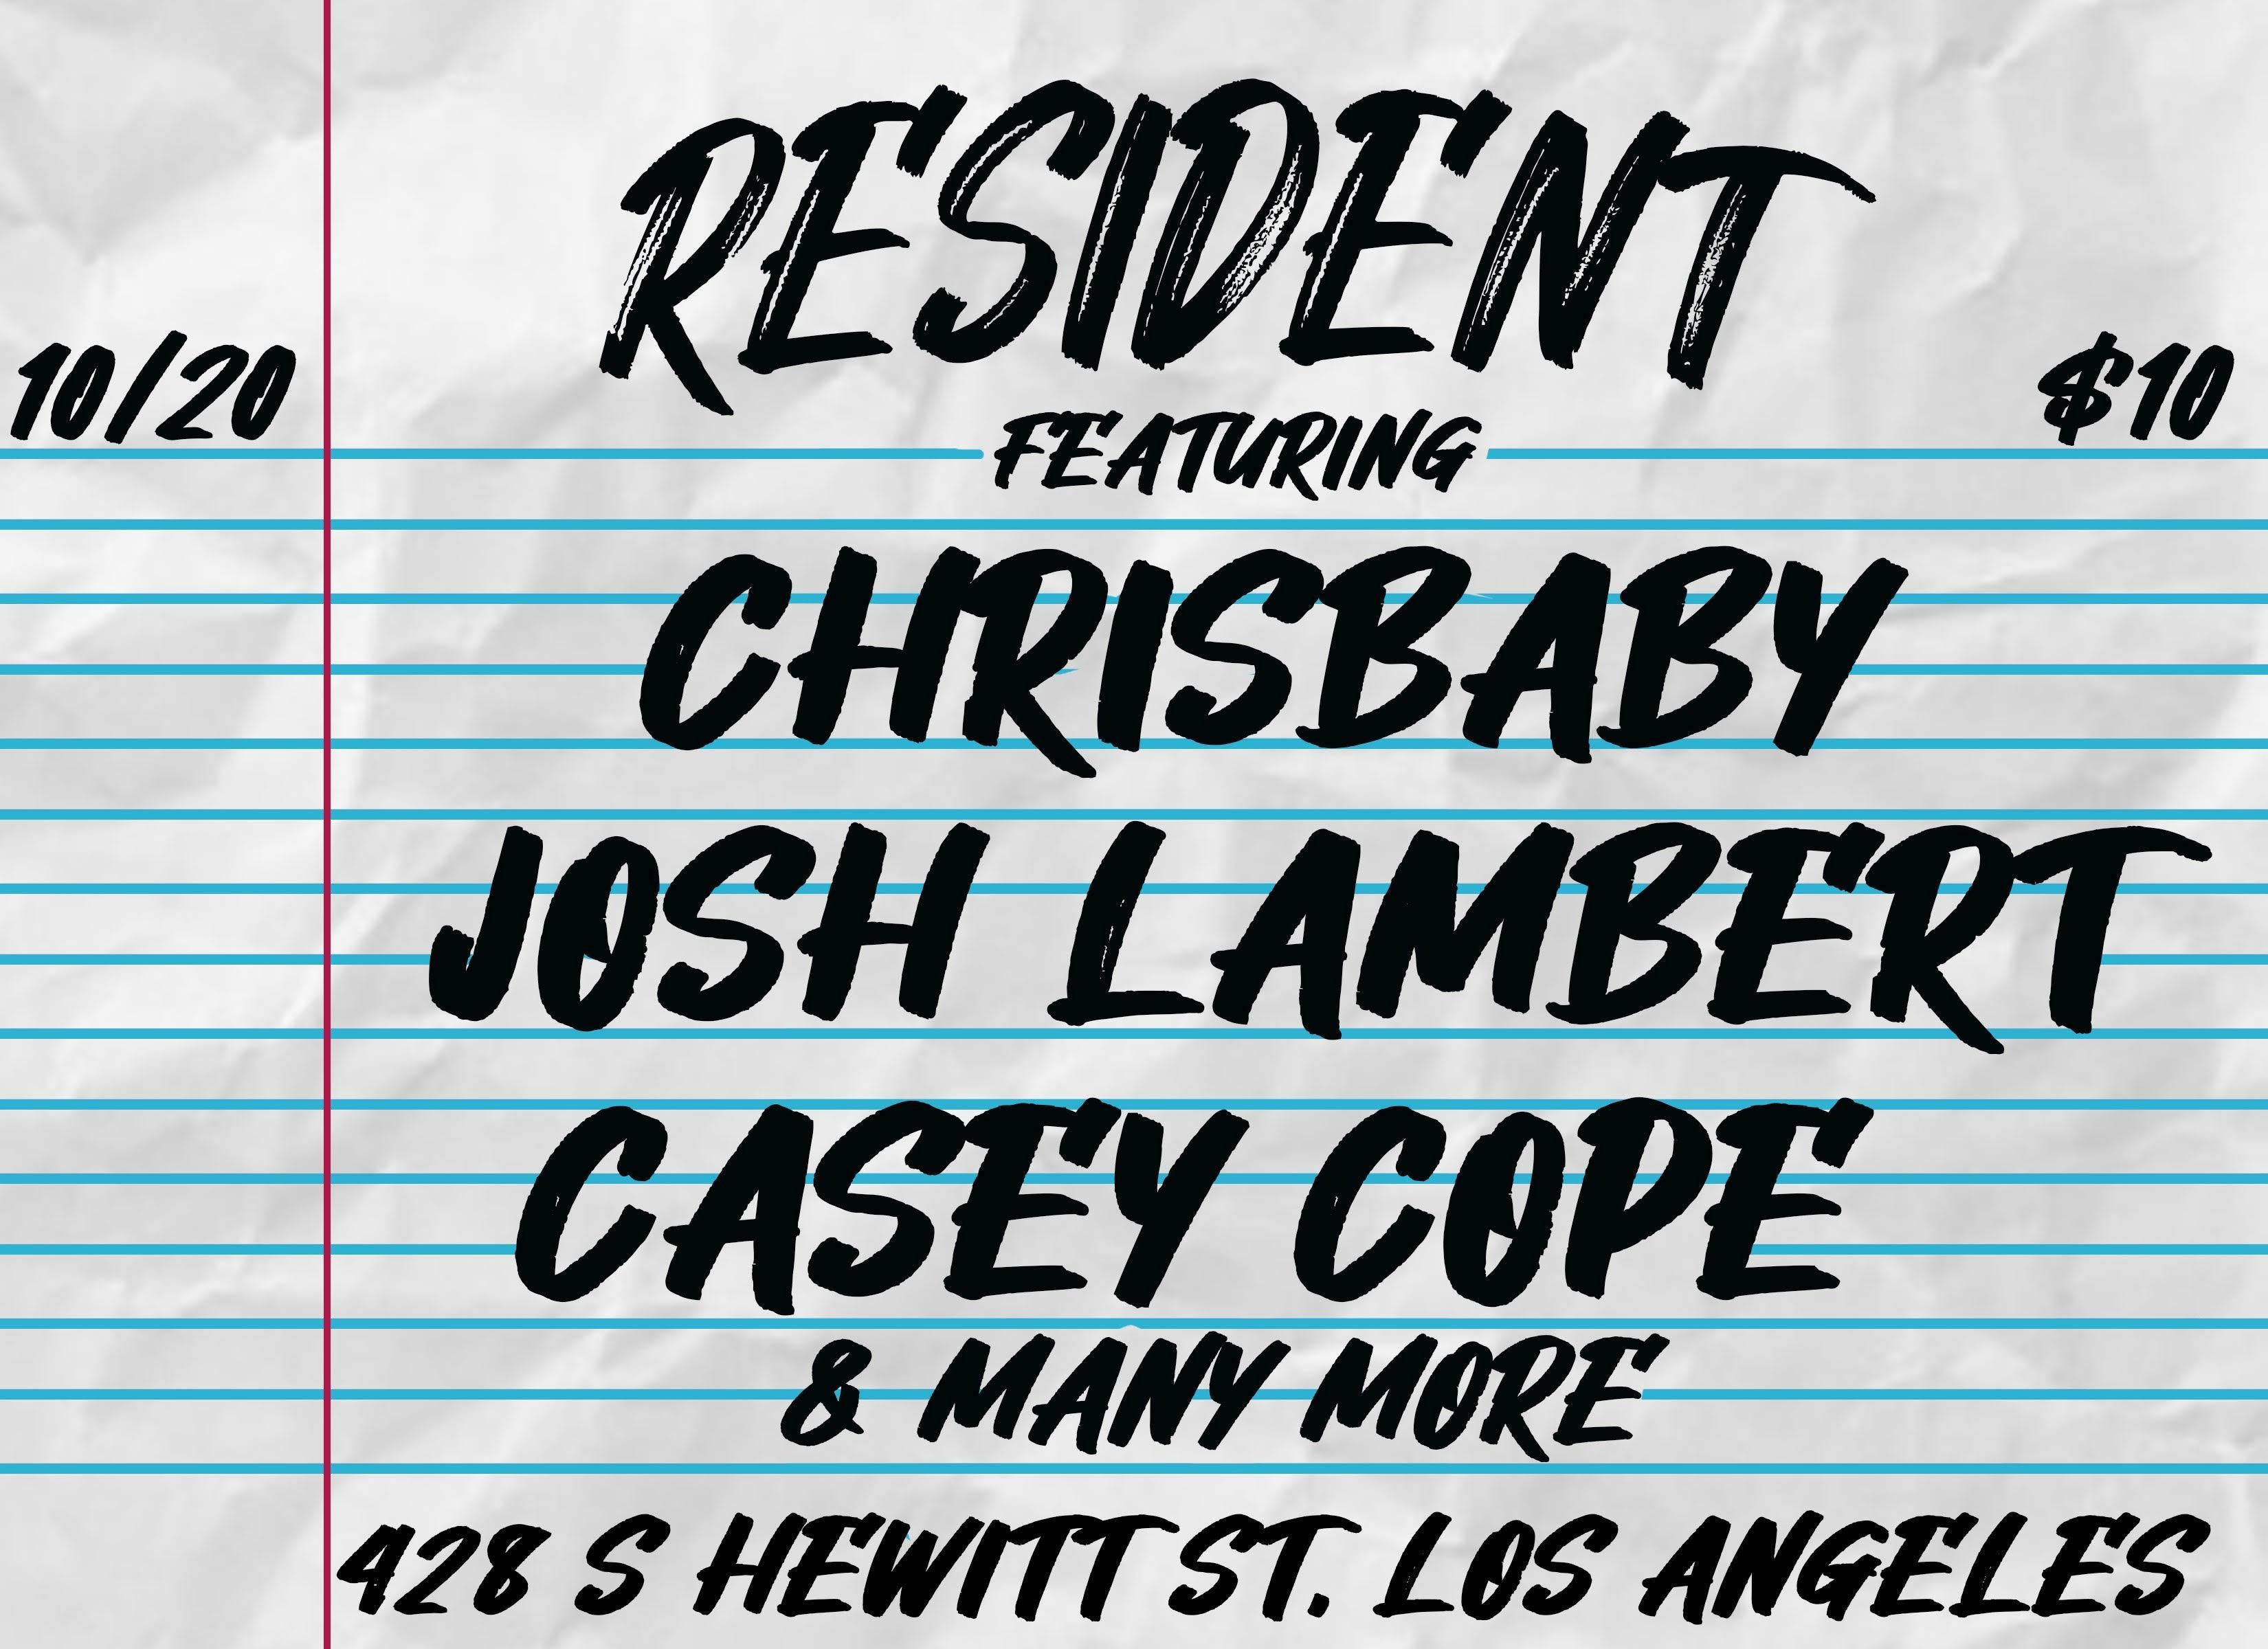 Chrisbaby, Josh Lambert, Casey Code